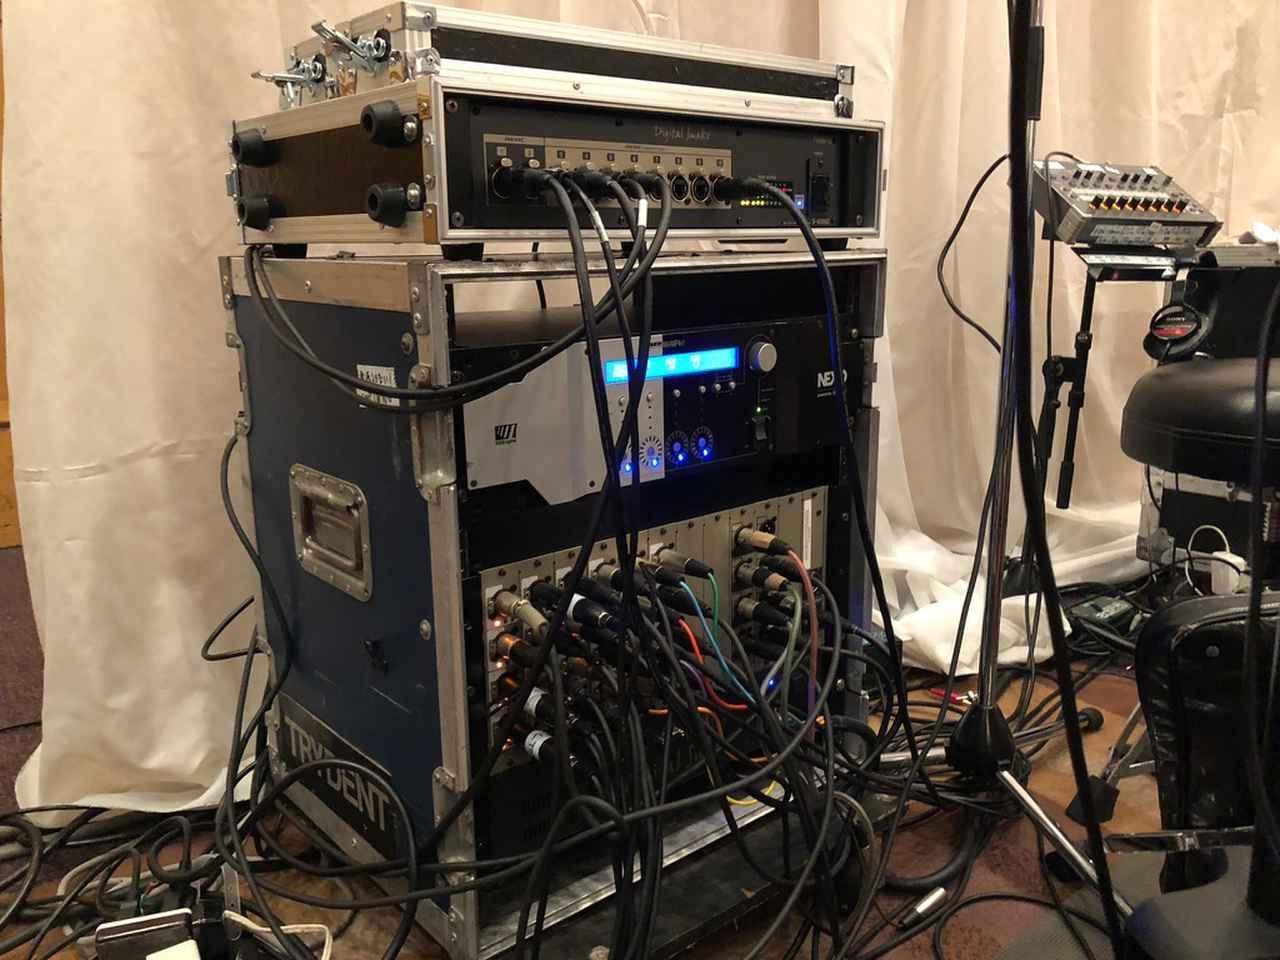 画像: ステージ袖に置かれたラック。「ローランド S-4000D」(REACスプリッター)や「NEXO NXAMP」、「ローランド Digital Snake S-40000S」などが収納されている